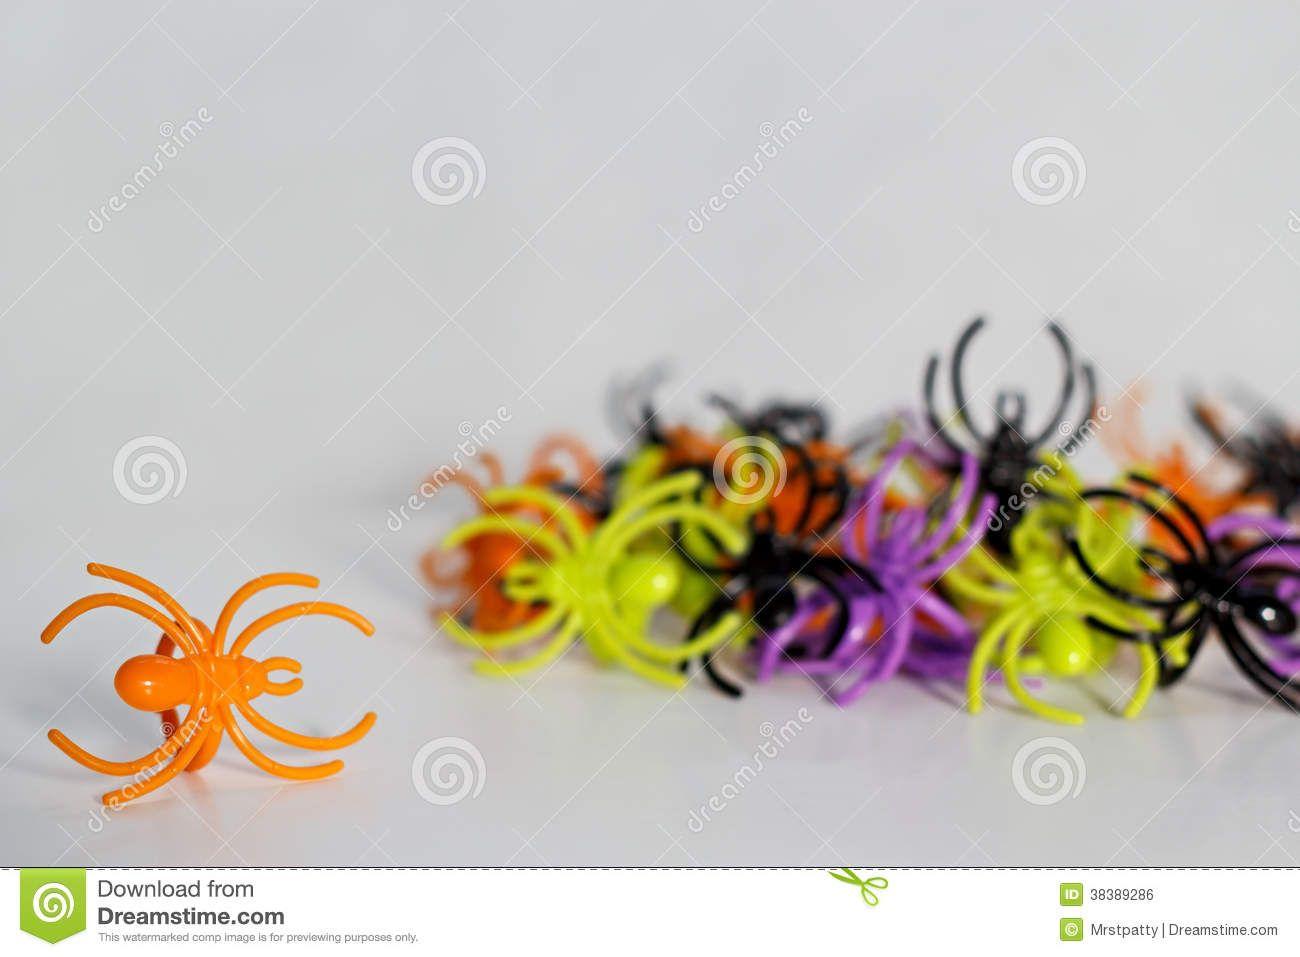 anti insecte 1 tasse vinaigre, 1 cc huile, 1 tasse poivre et 1cc produit vaisselle. vaporiser et le faire régulièrement.